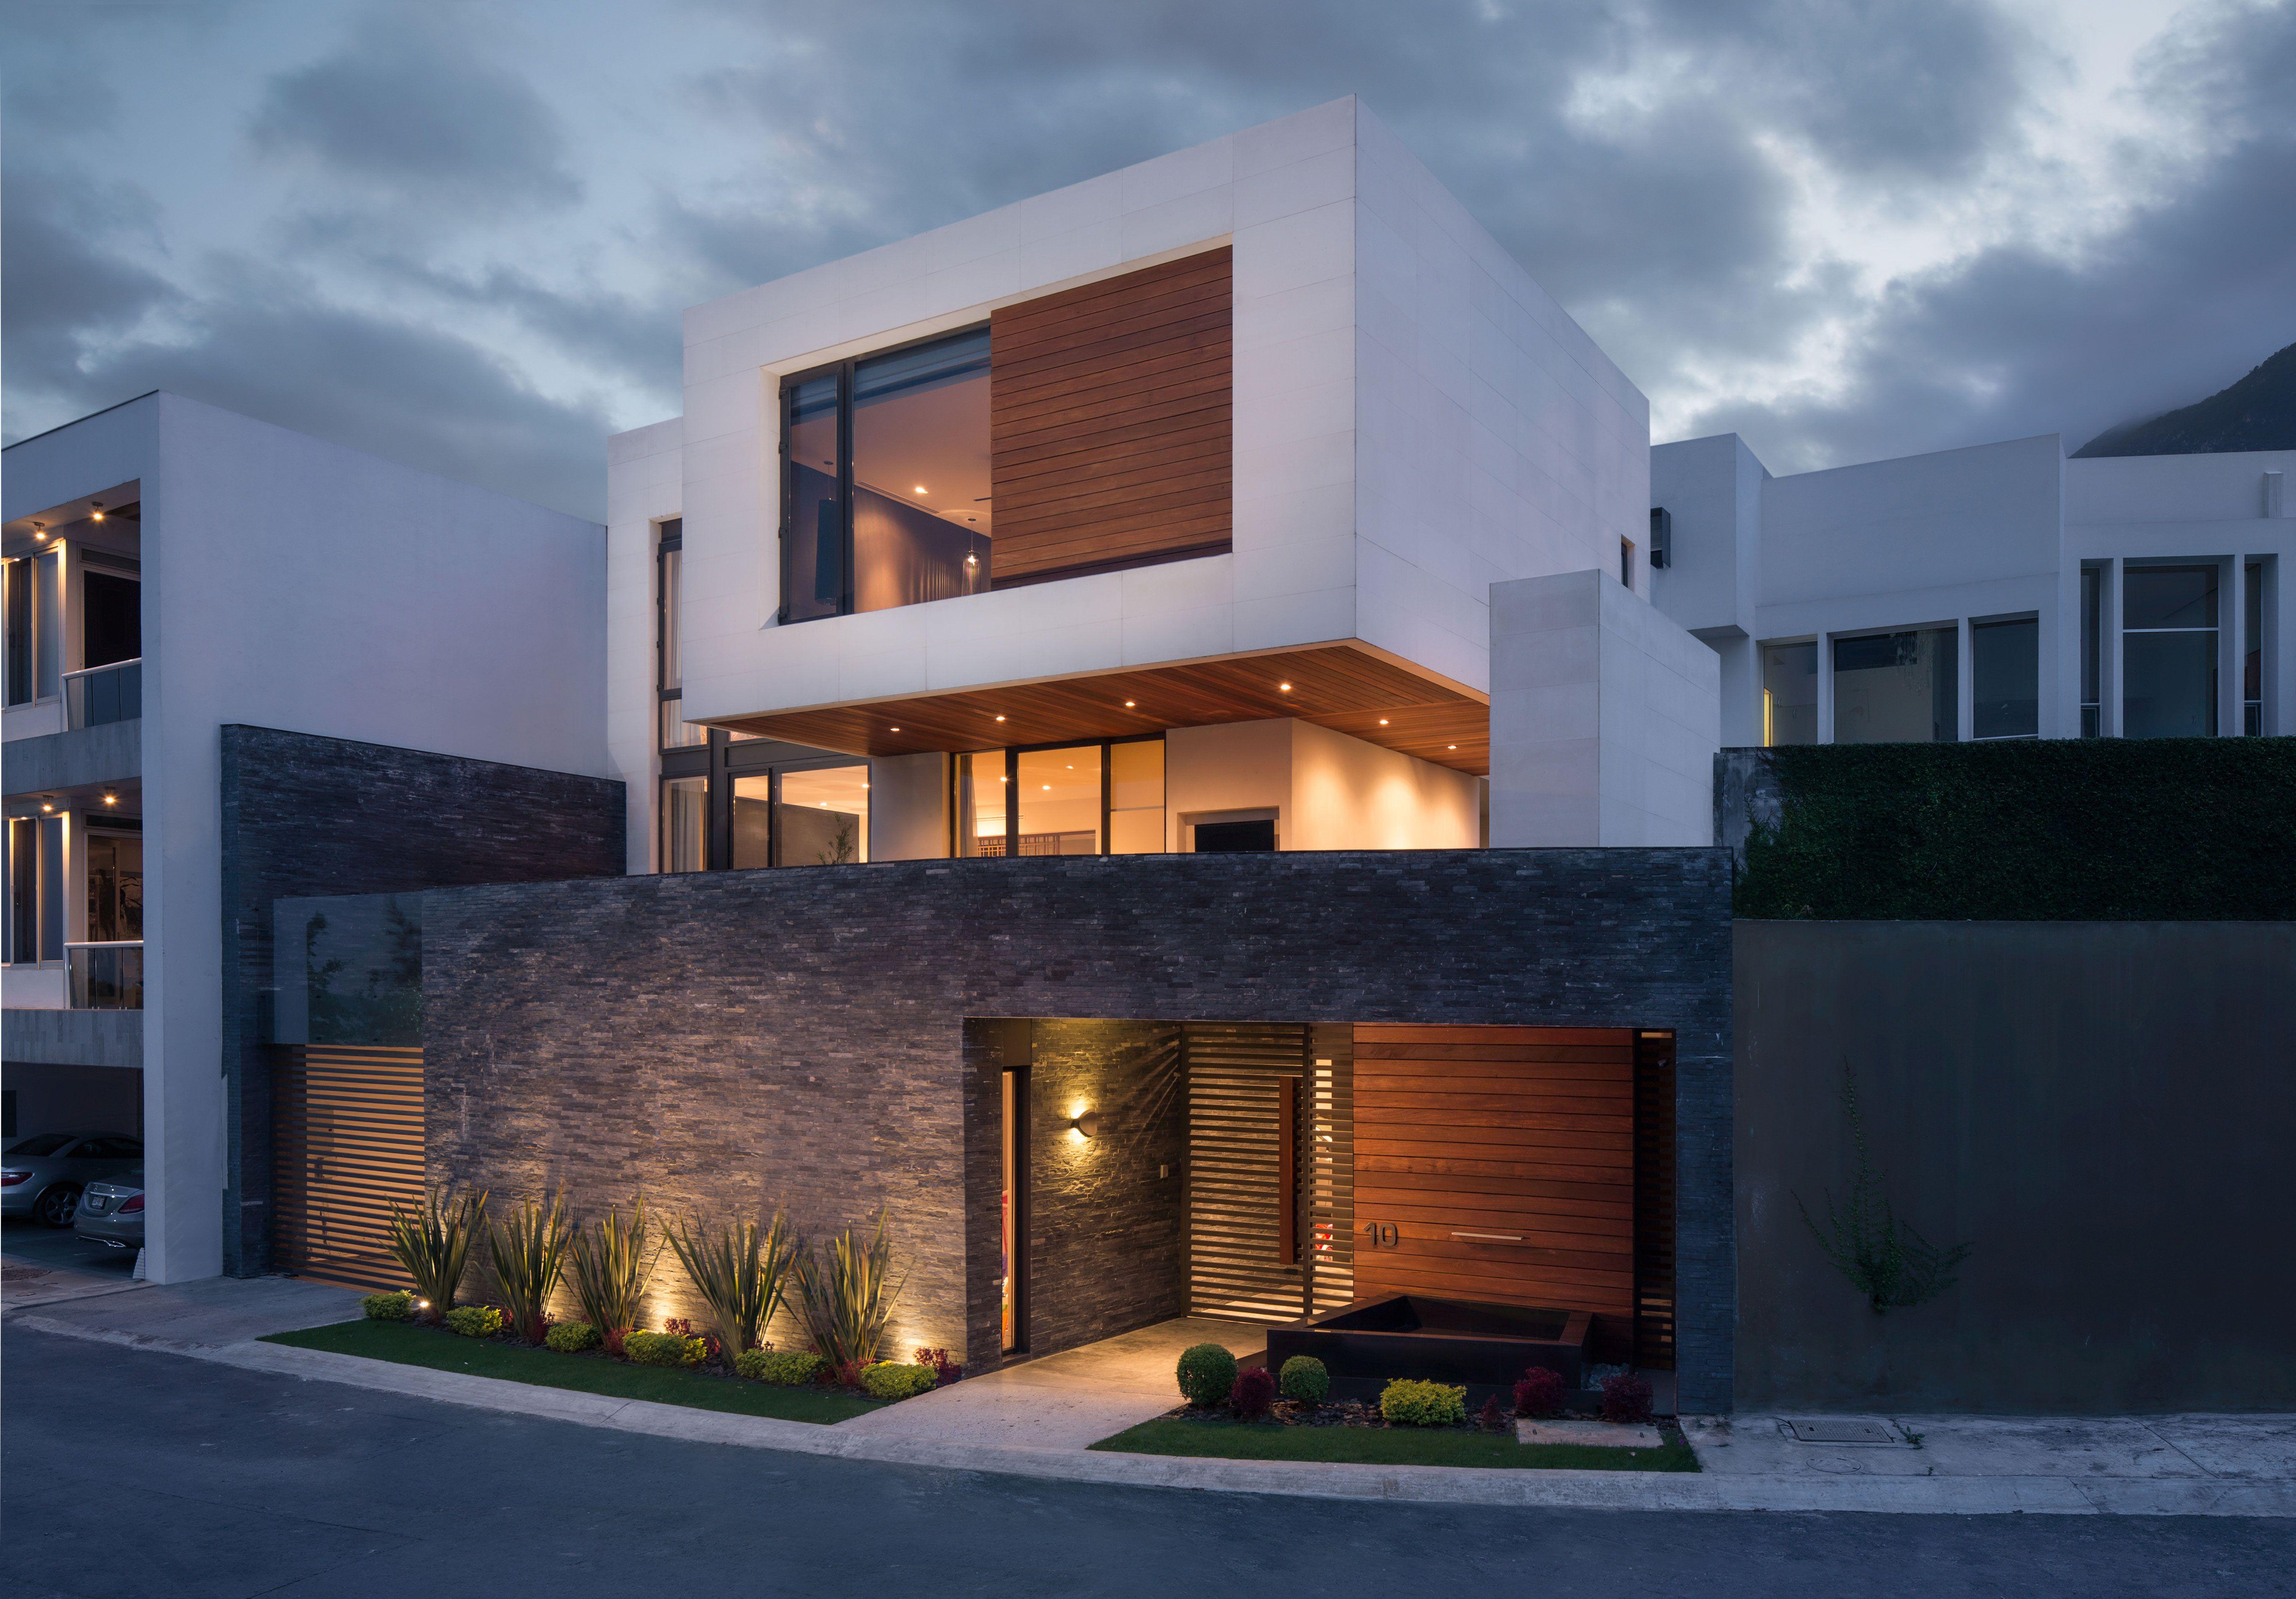 Architecture architect house pozas arquitectos home style ideas para el hogar - Arquitectos casas modernas ...